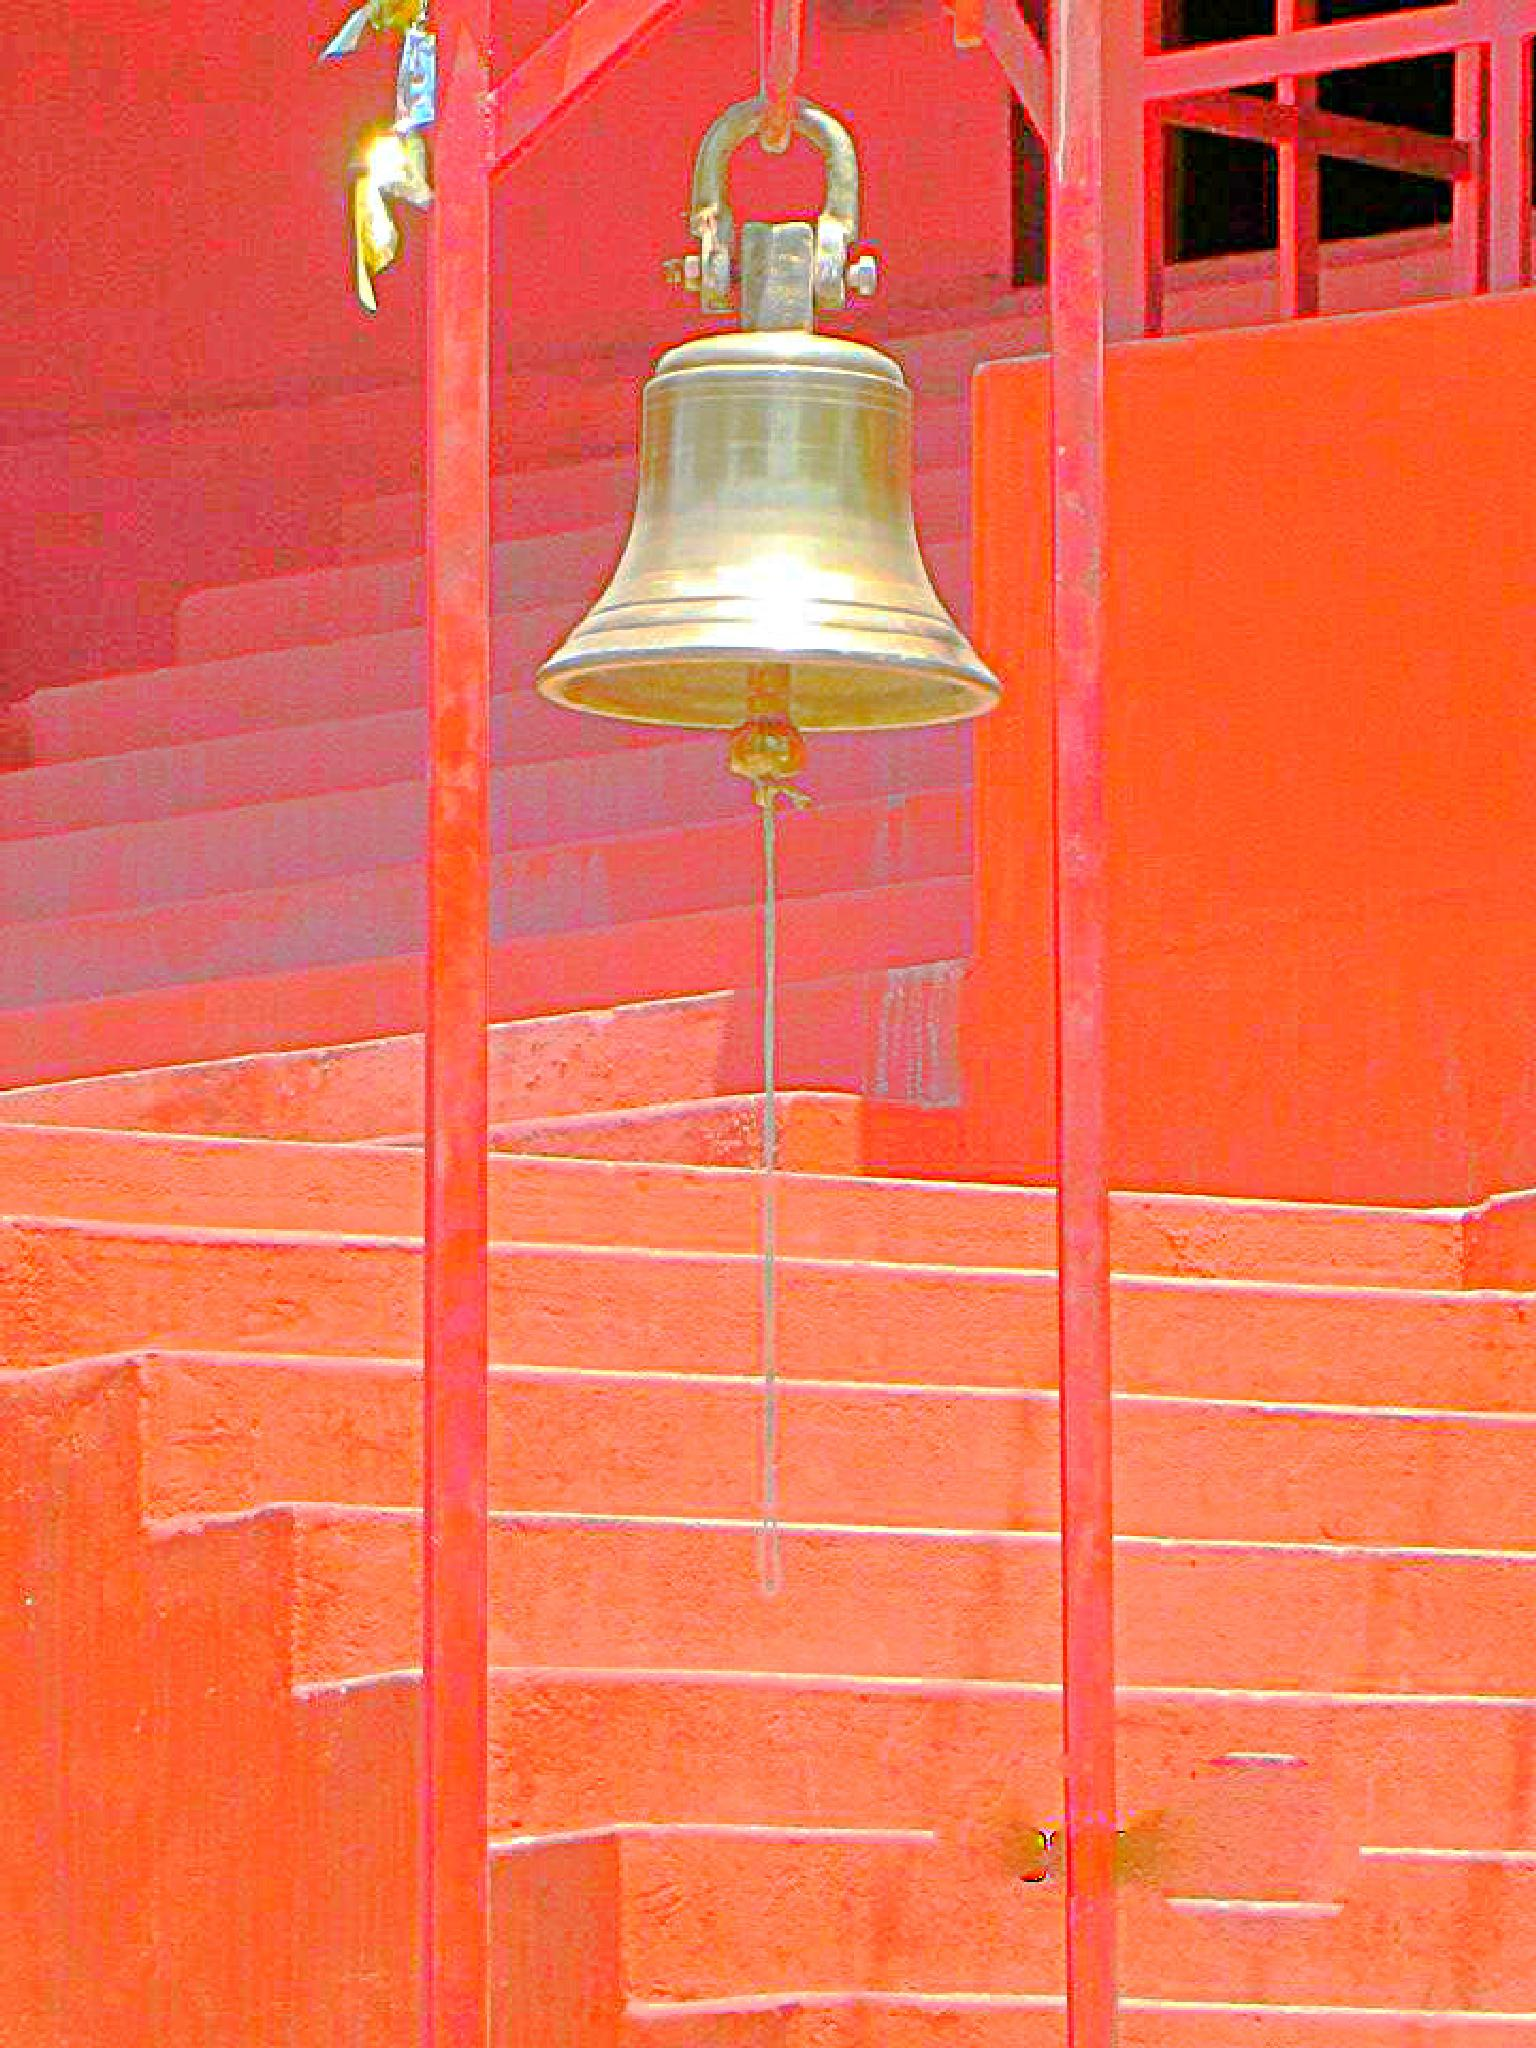 Temple Bell by Pooja Jhammb